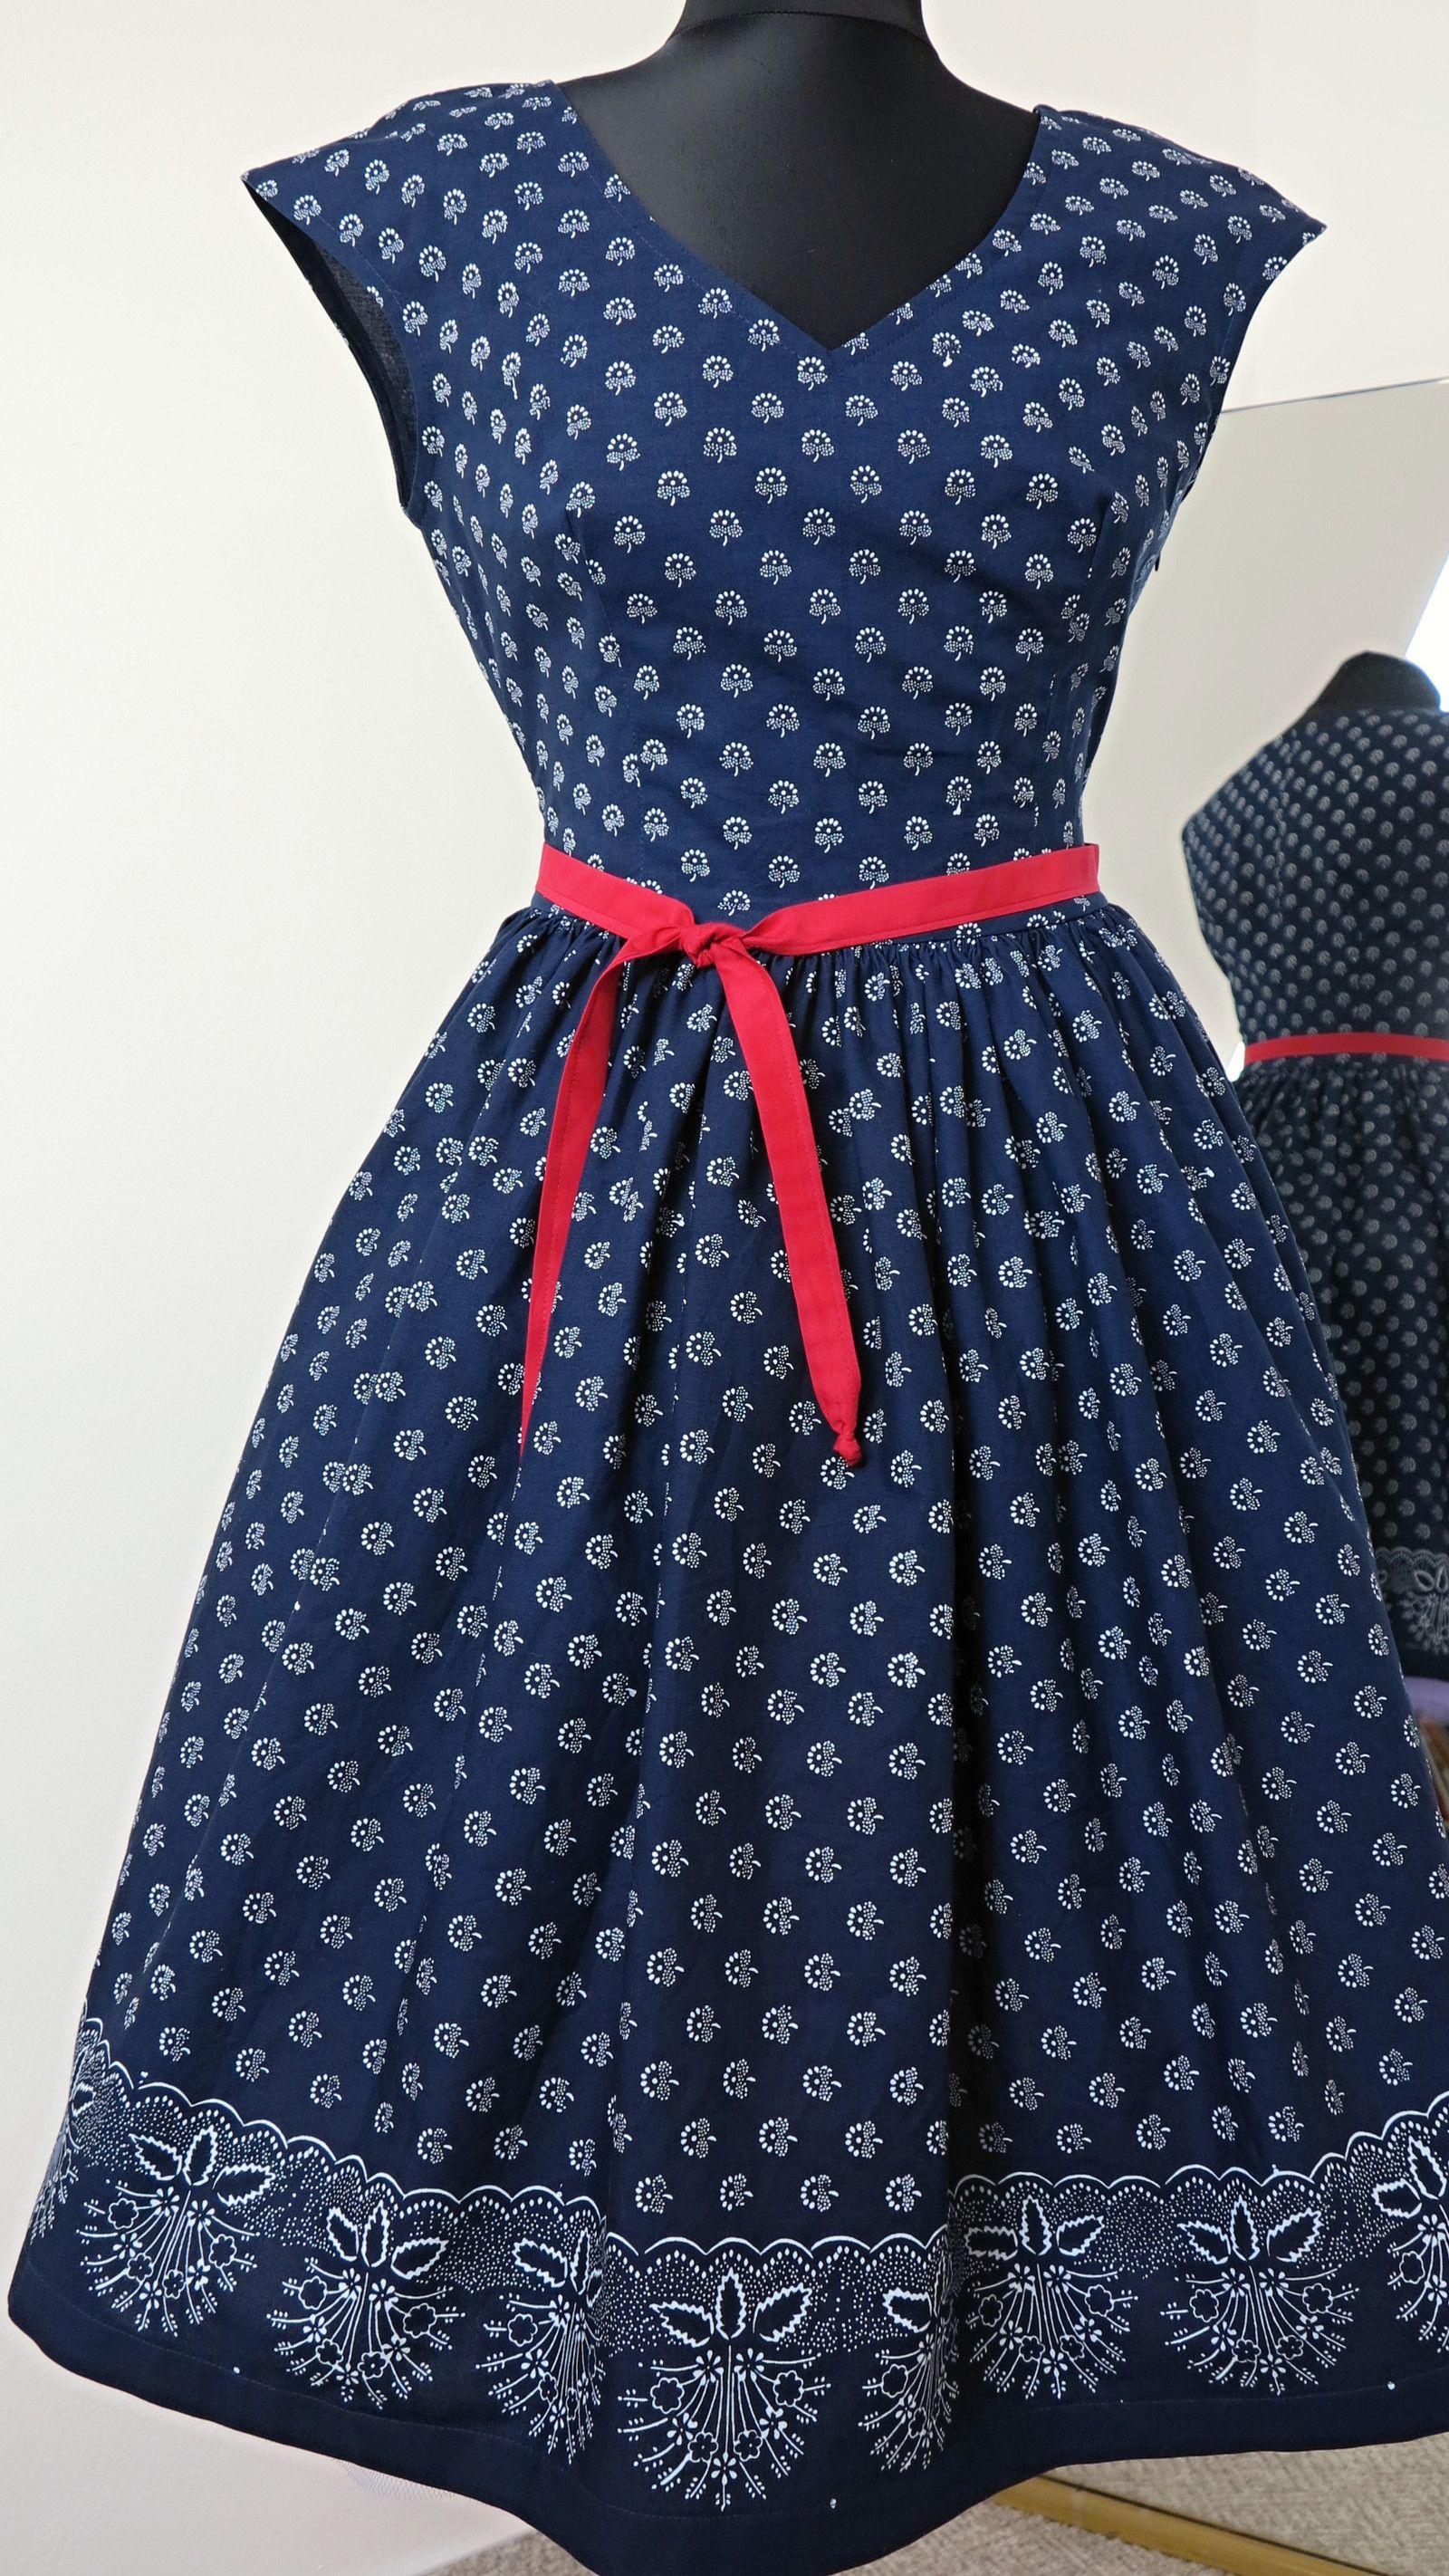 bffb98690 šaty+modrotiskové,+řasená+sukně,+bordura+ušila+jsem+další+z+variant+ ...